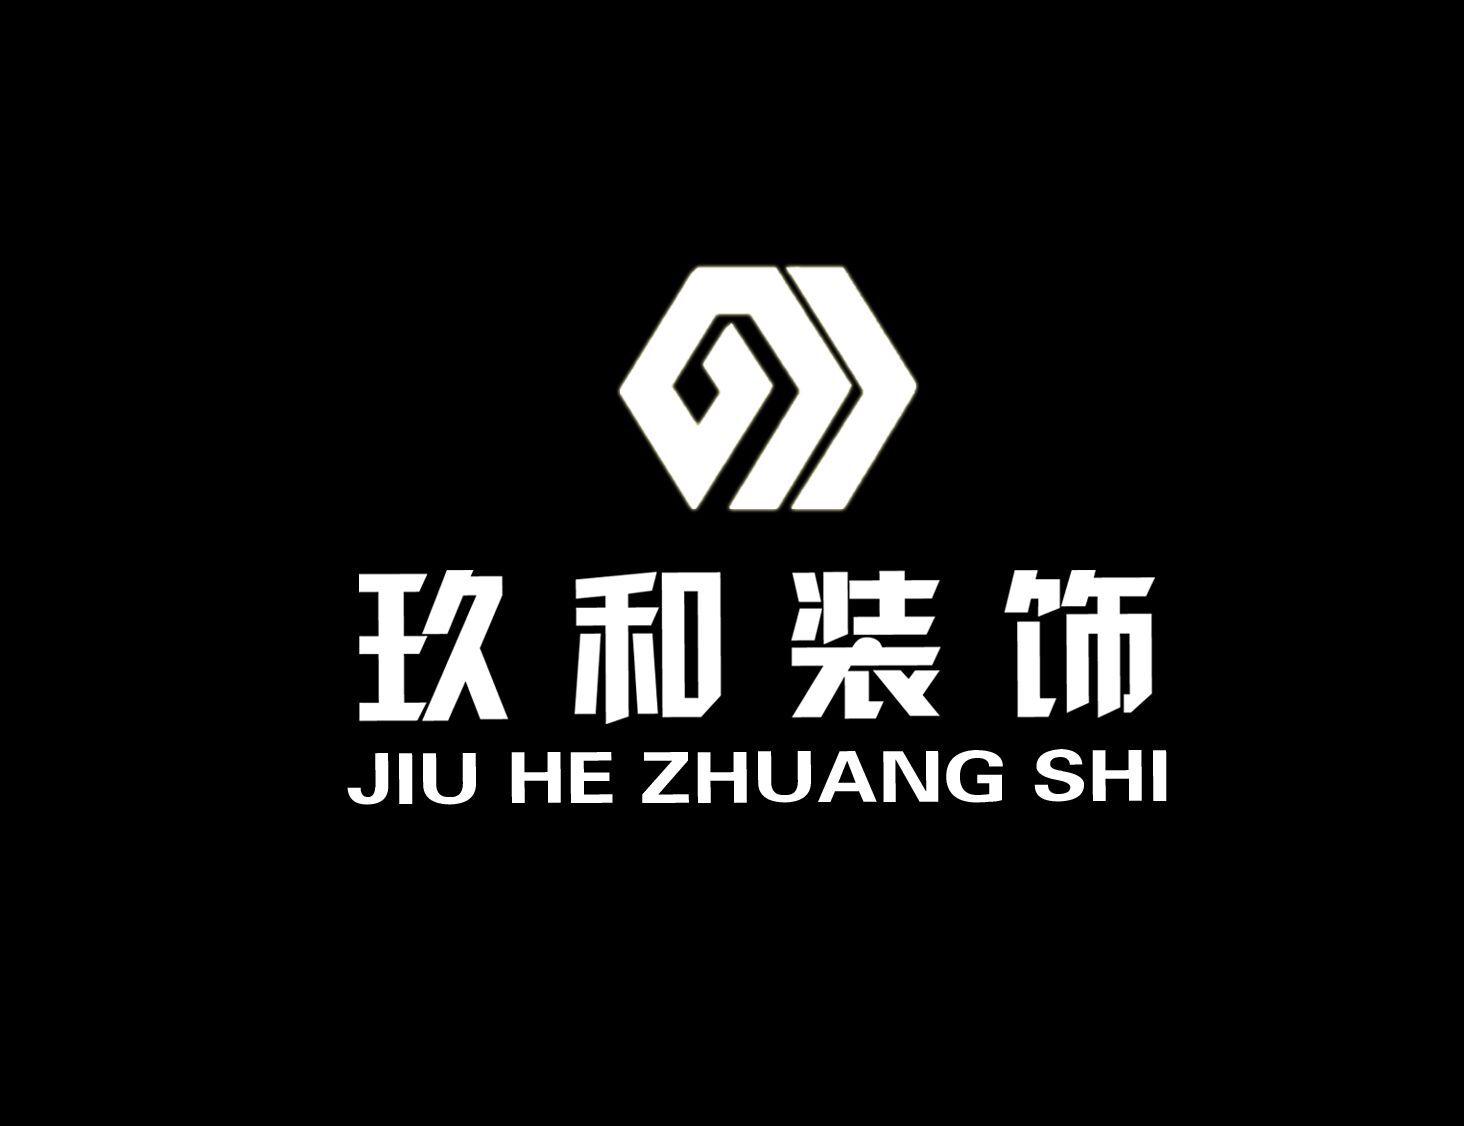 昌吉市玖和装饰工程有限公司